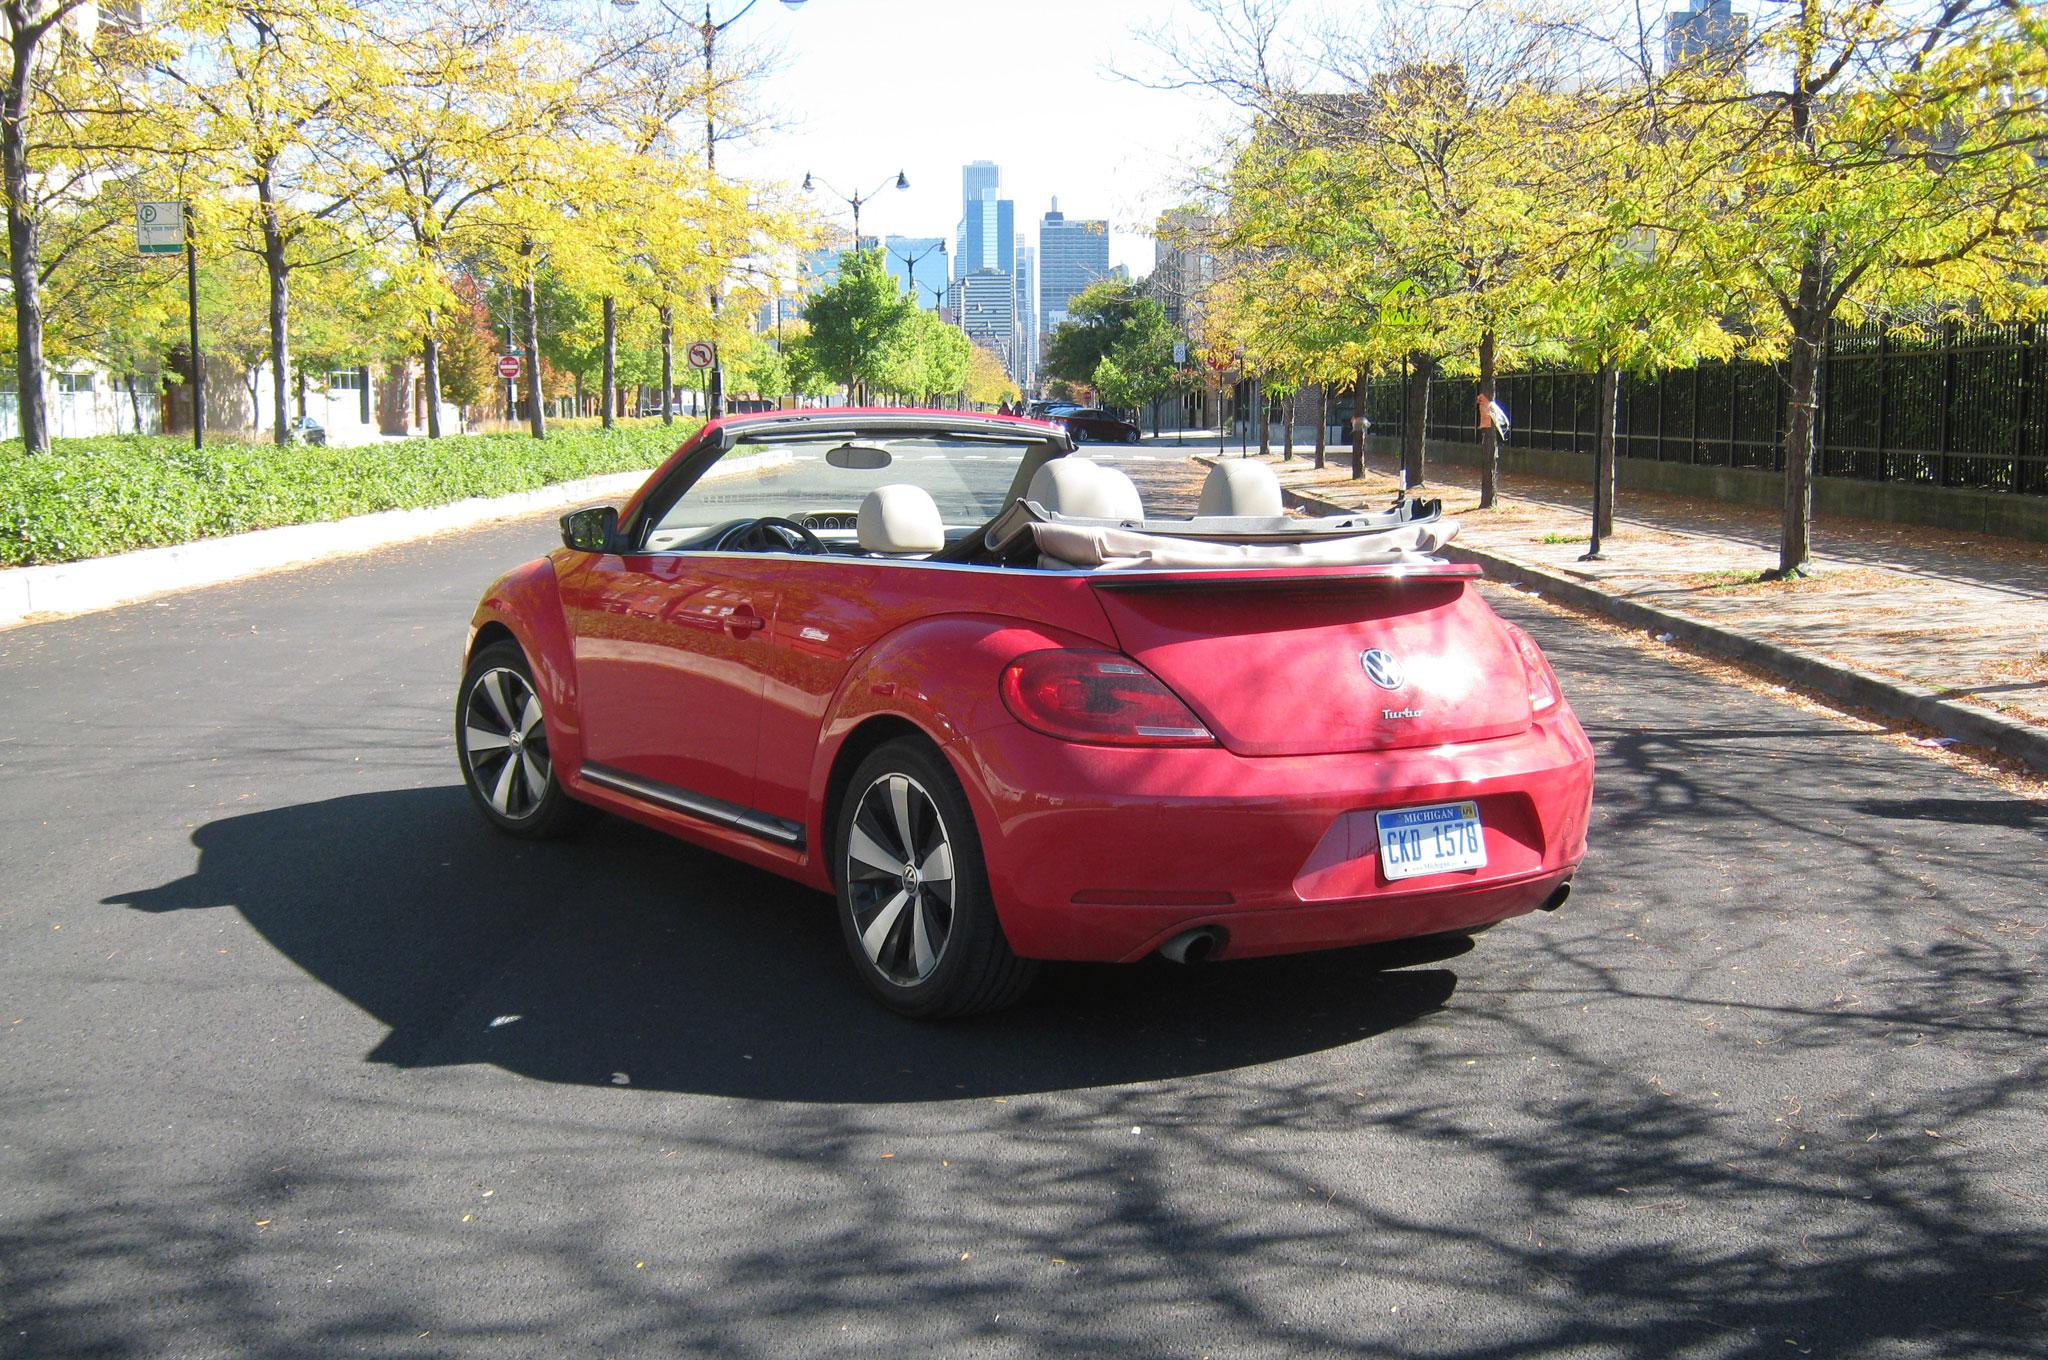 2013 Volkswagen Beetle Turbo Convertible Rear Left View1